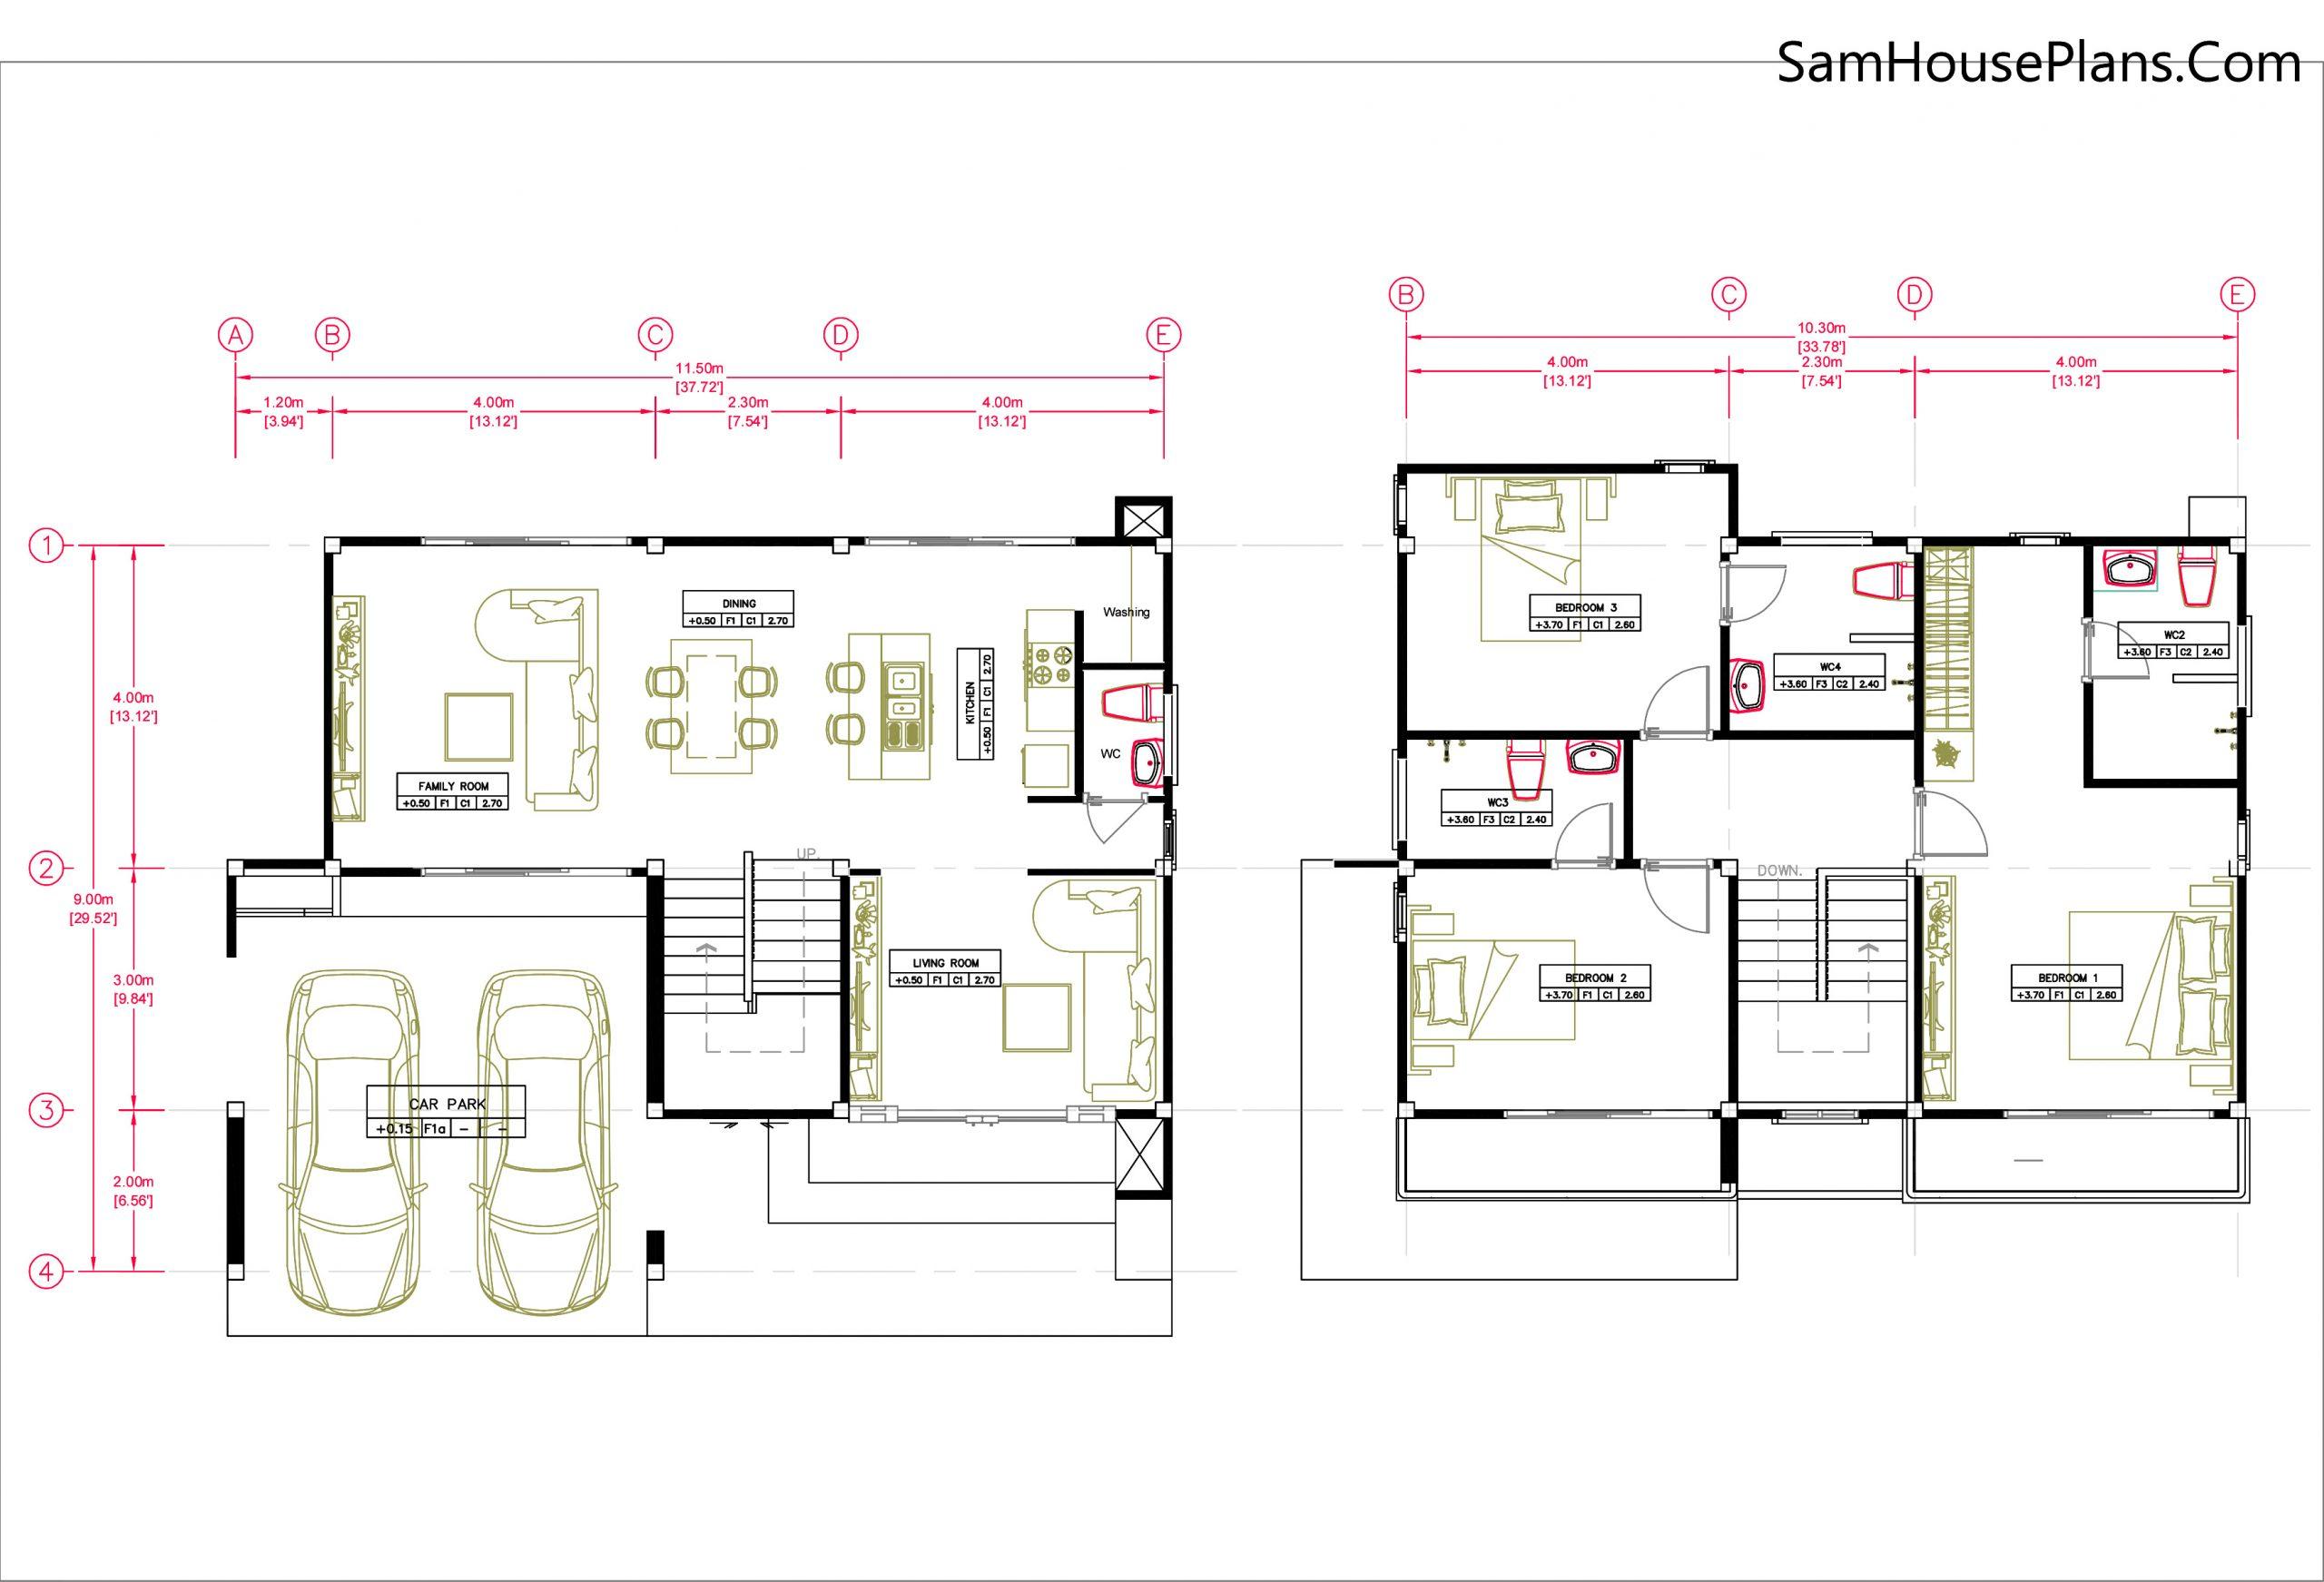 Layout floor plan 11.5x9 meter 3 bedrooms